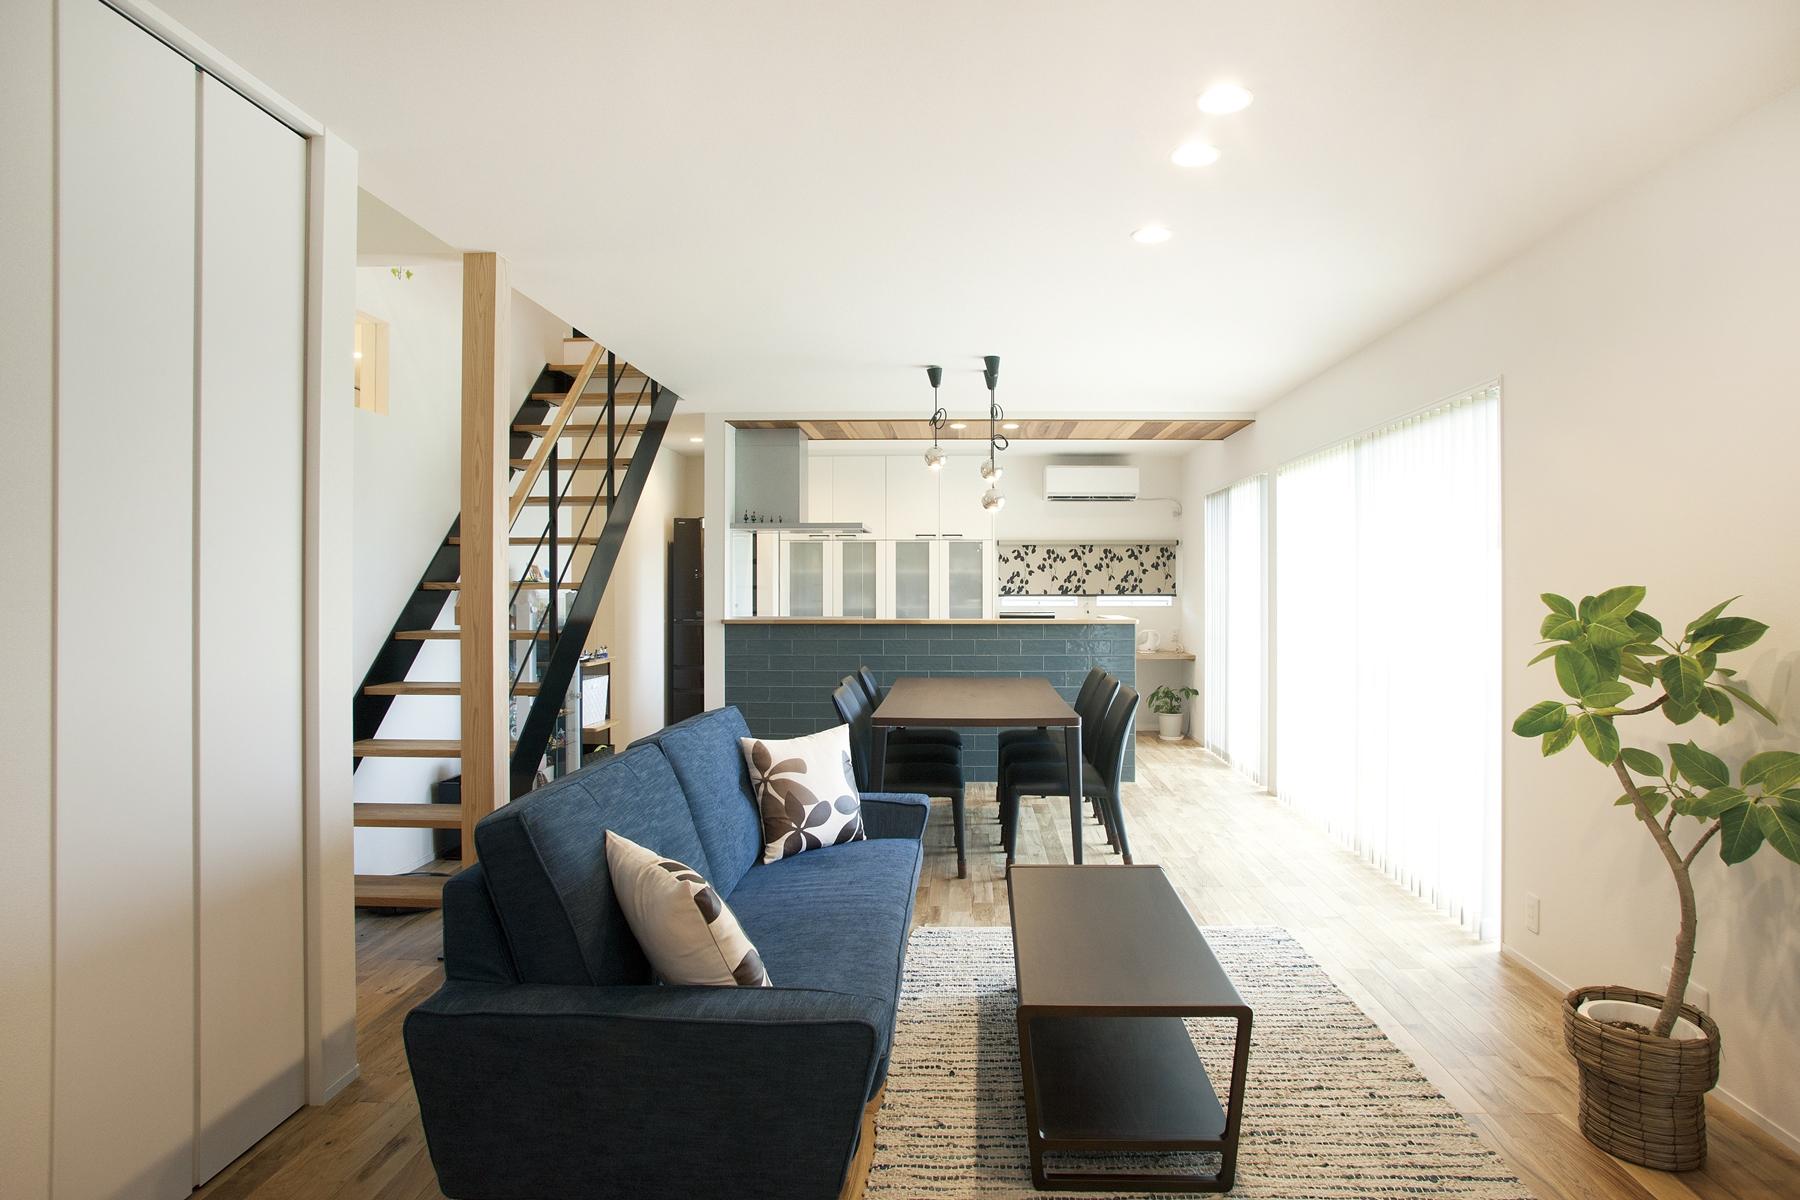 断熱性が高い住宅ではどういったメリットが?